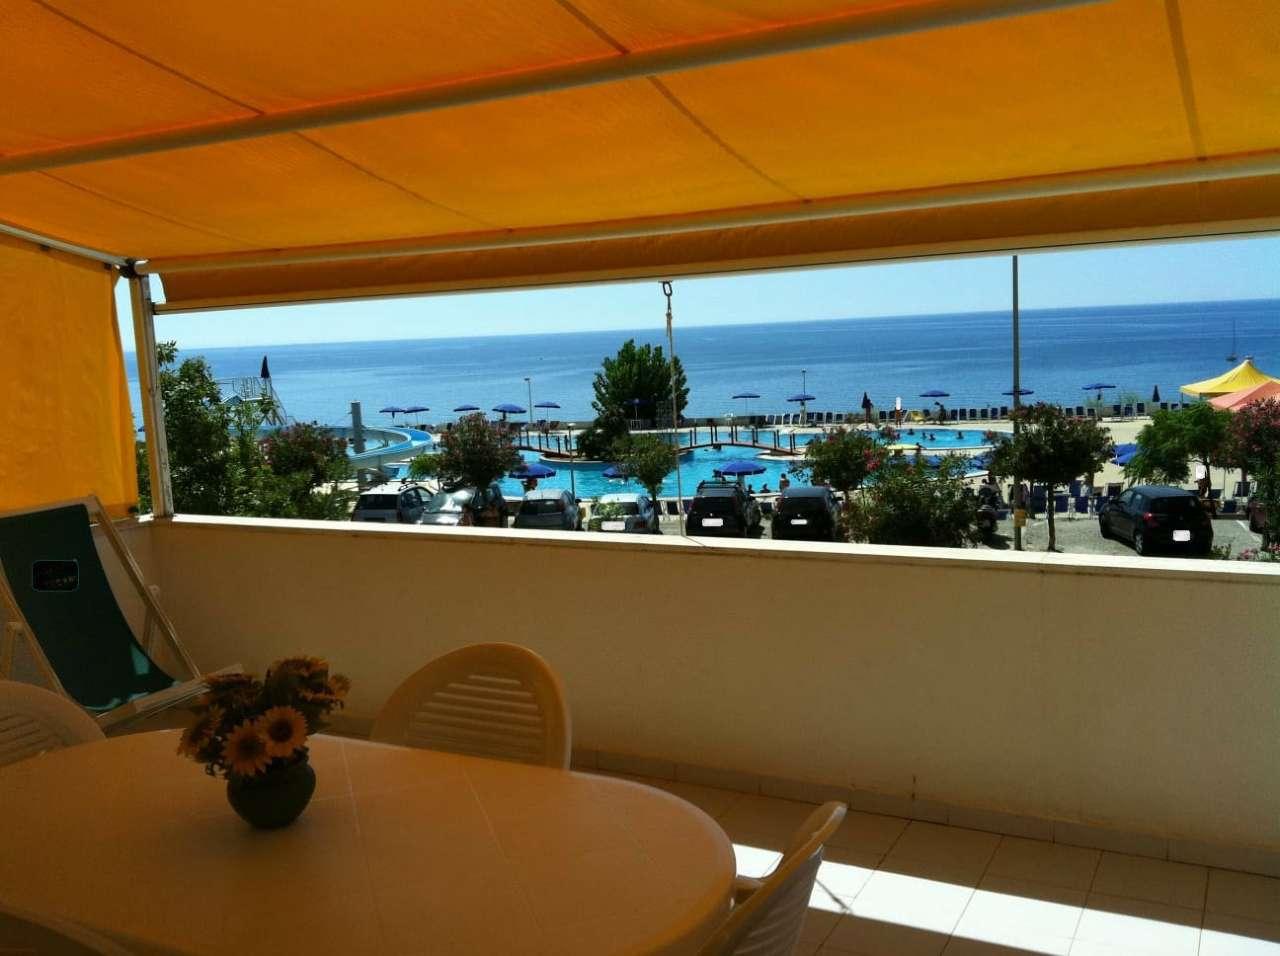 Appartamento trilocale in vendita a Isola di Capo Rizzuto (KR)